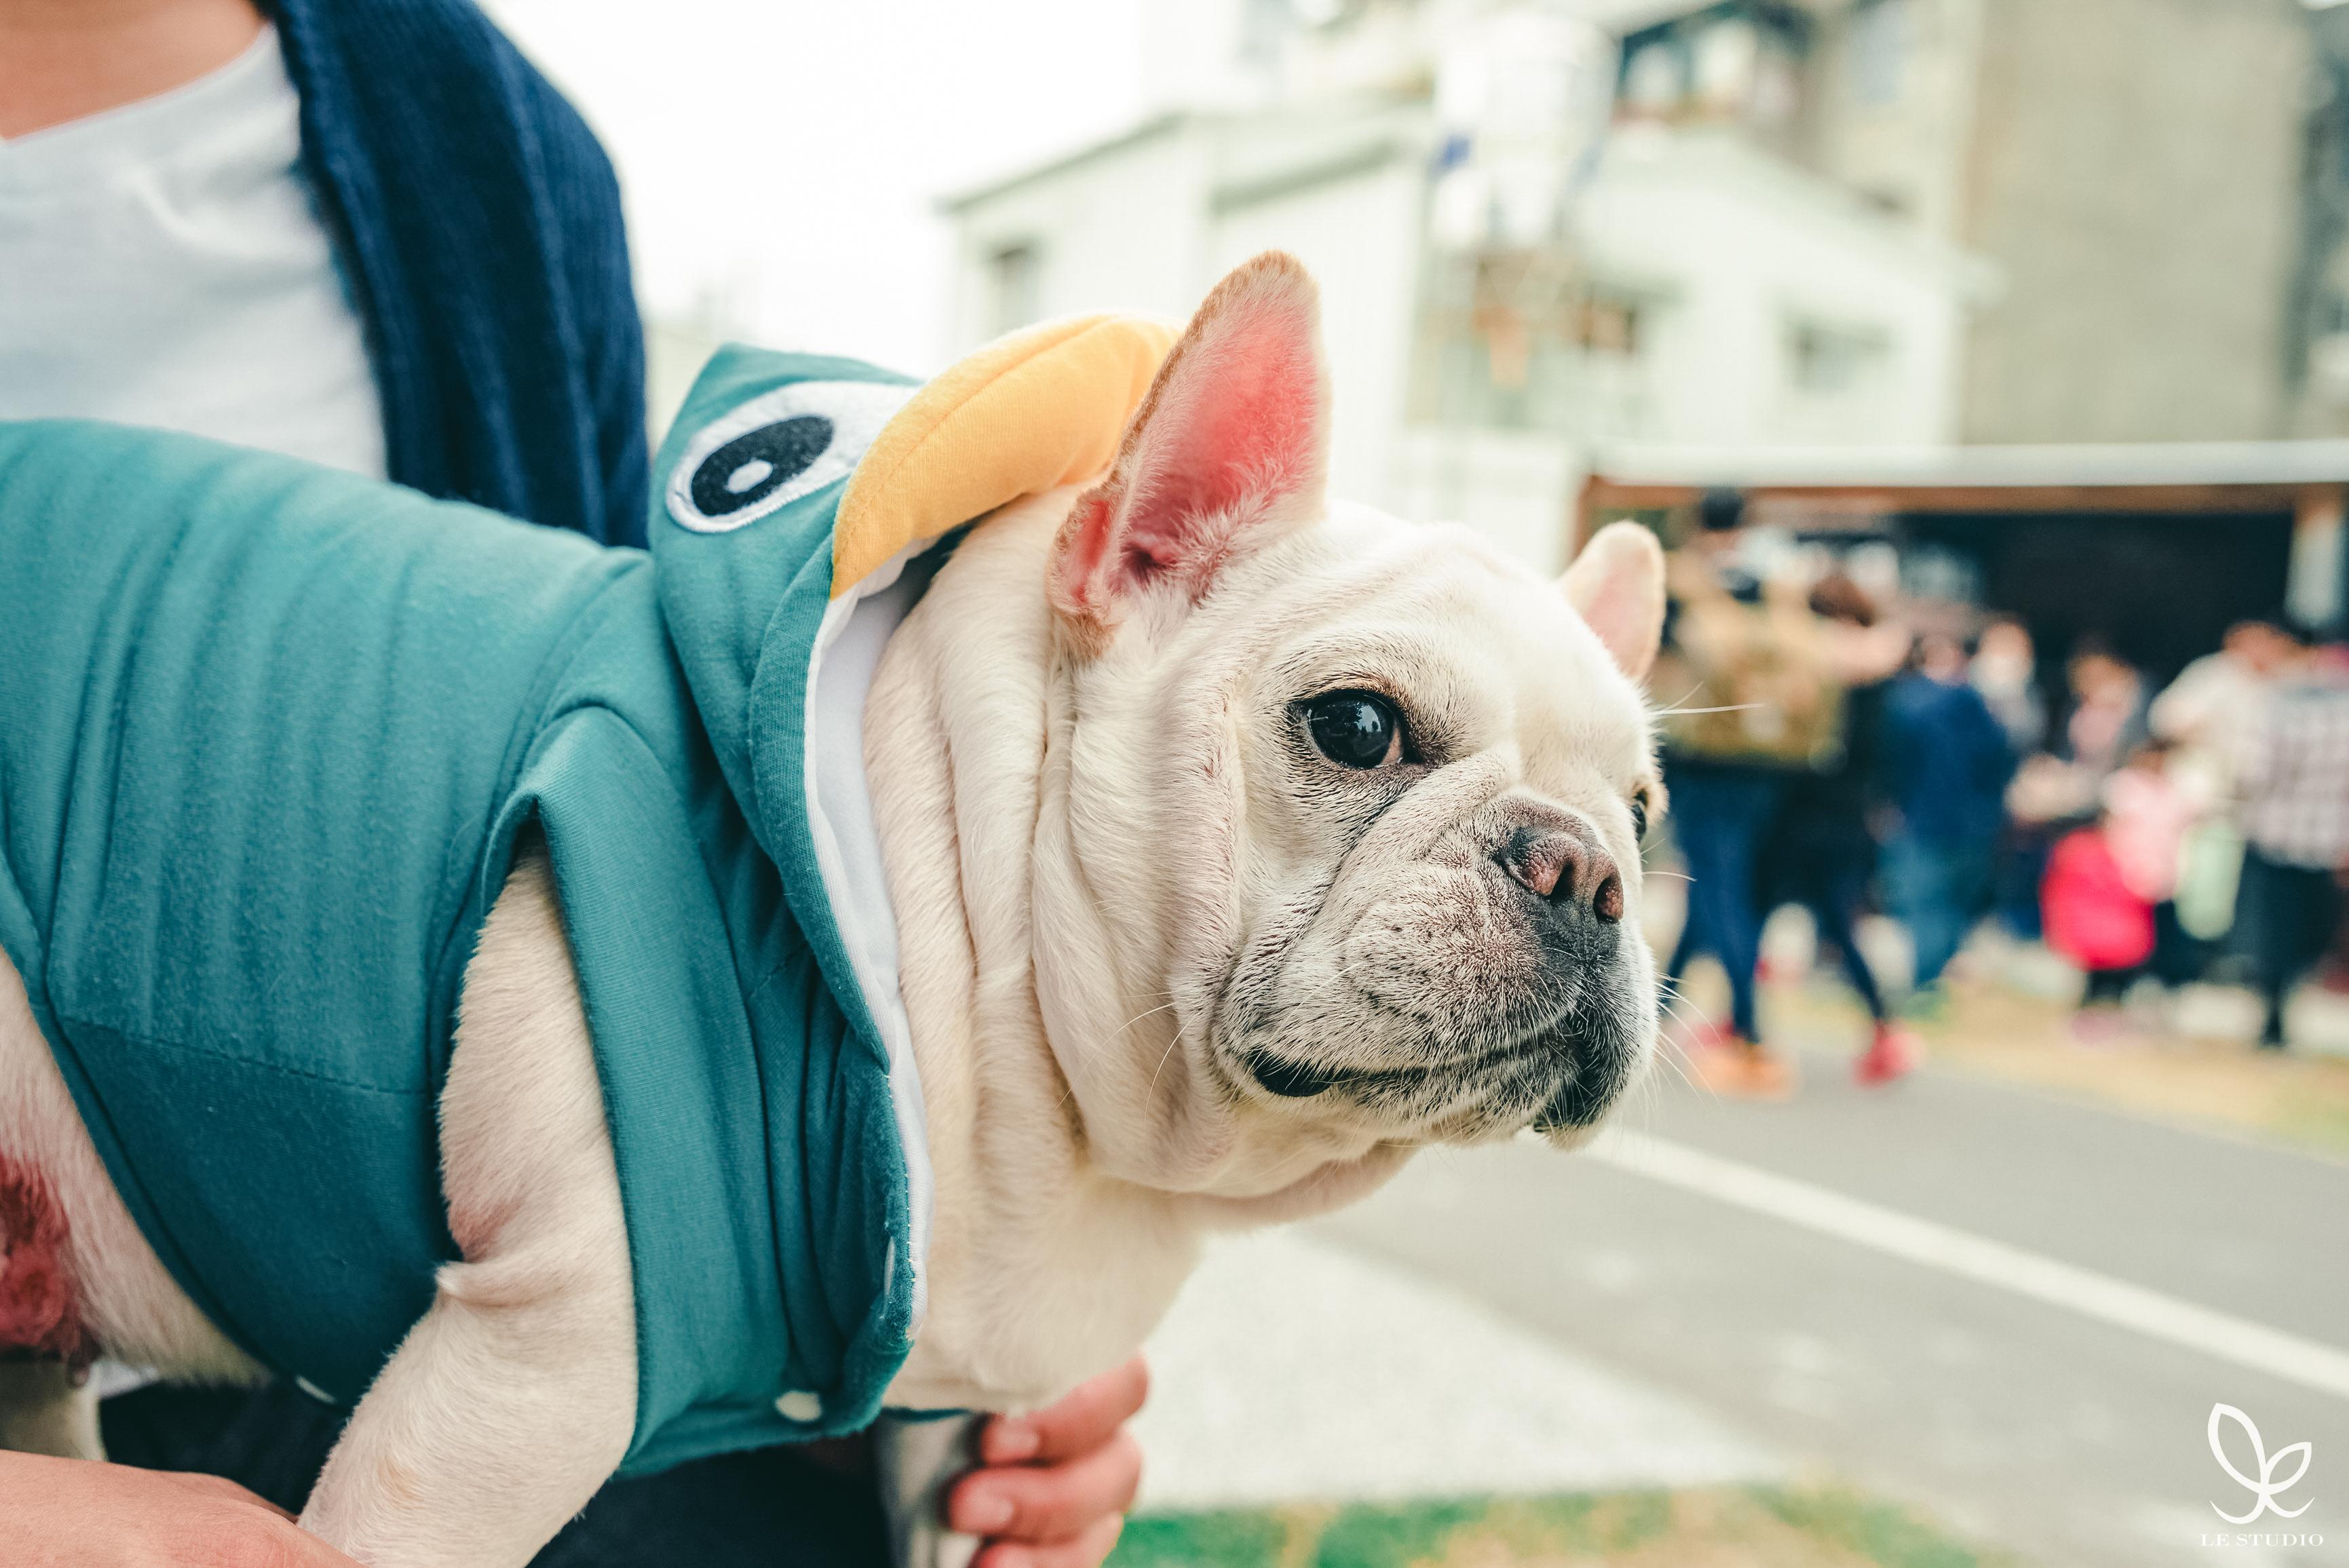 寵物攝影,專業寵物寫真,里斯朵攝影工坊 LESTUDIO